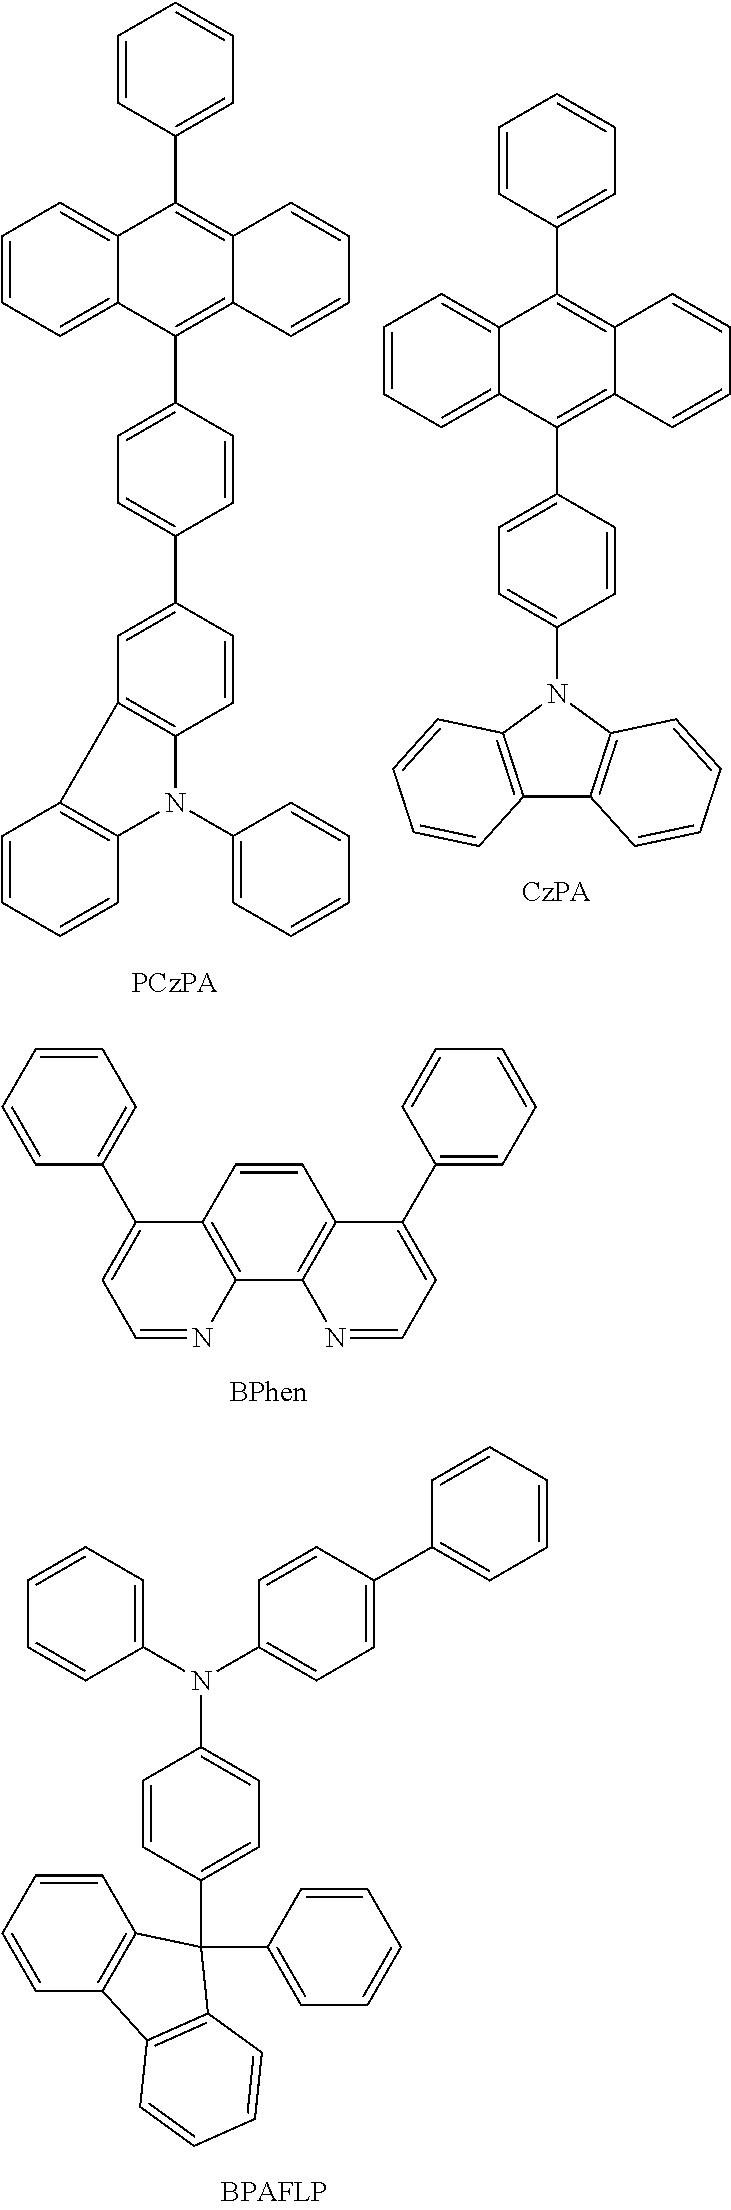 Figure US09391289-20160712-C00005